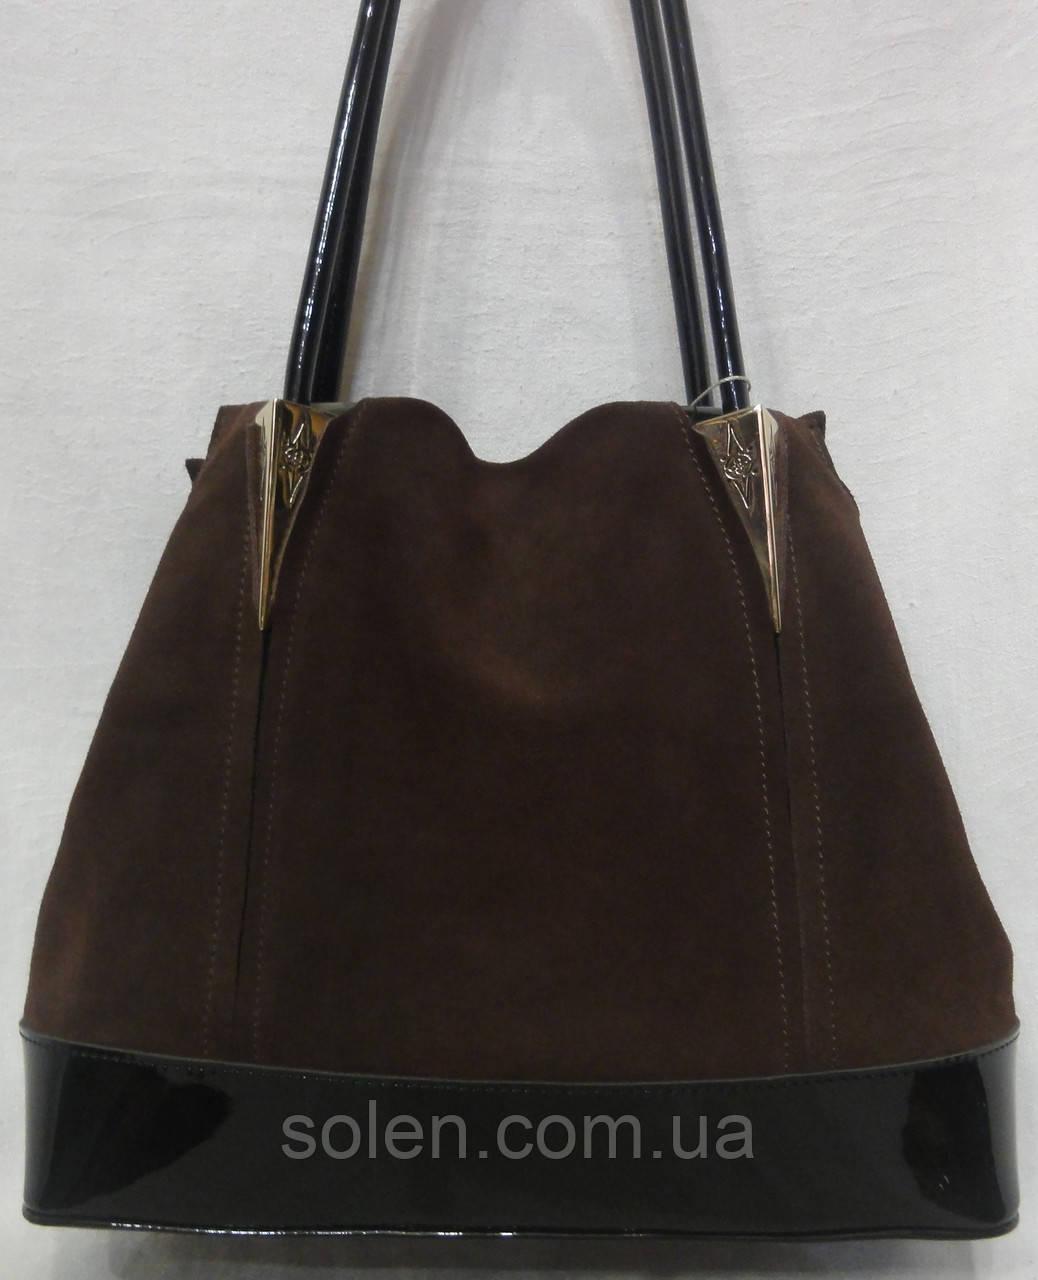 Женская сумка из натурального замша. 009dc6fbd74a5